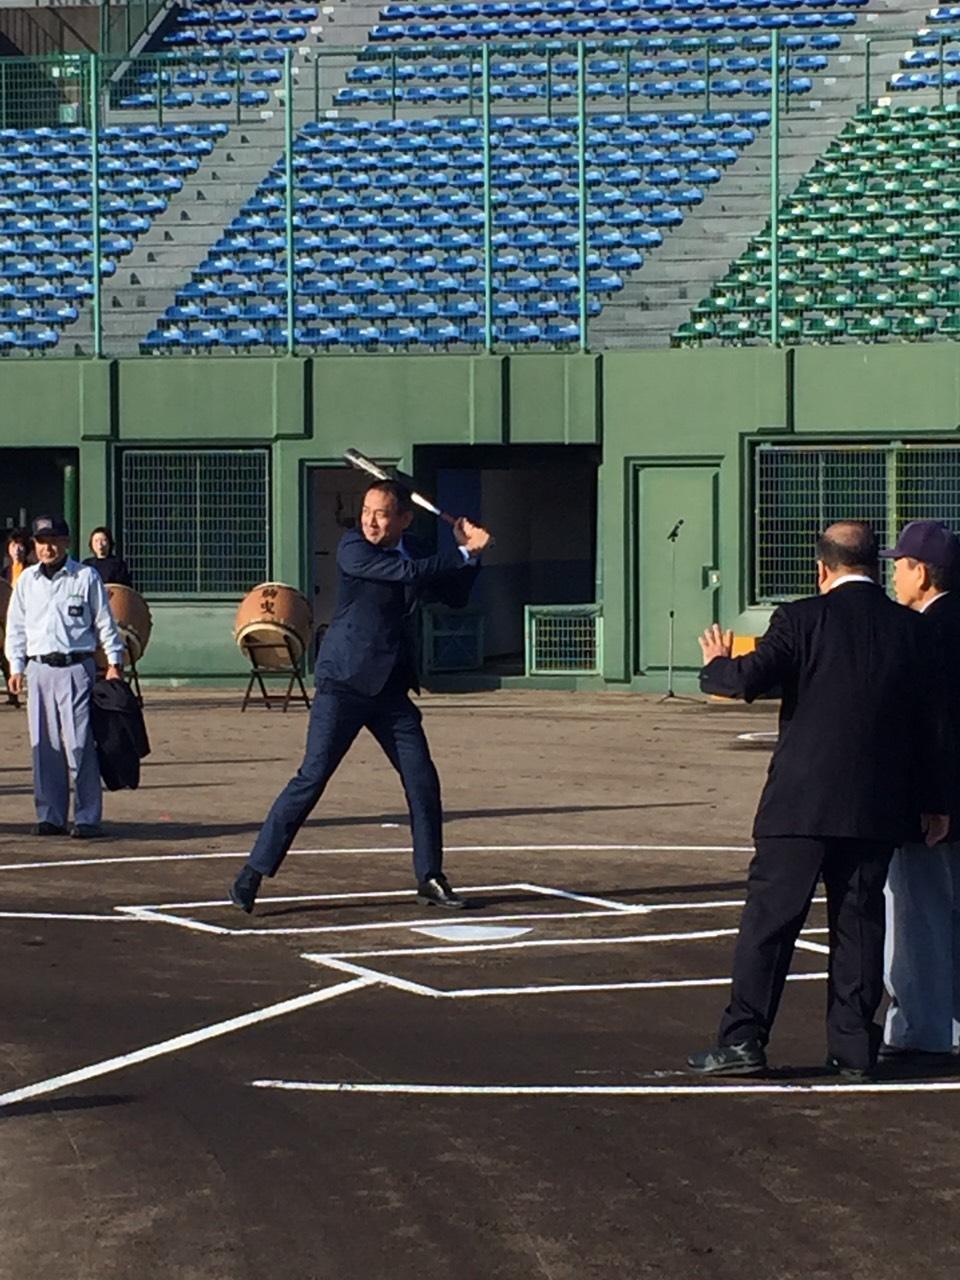 横田めぐみ杯全国軟式野球大会の開会式